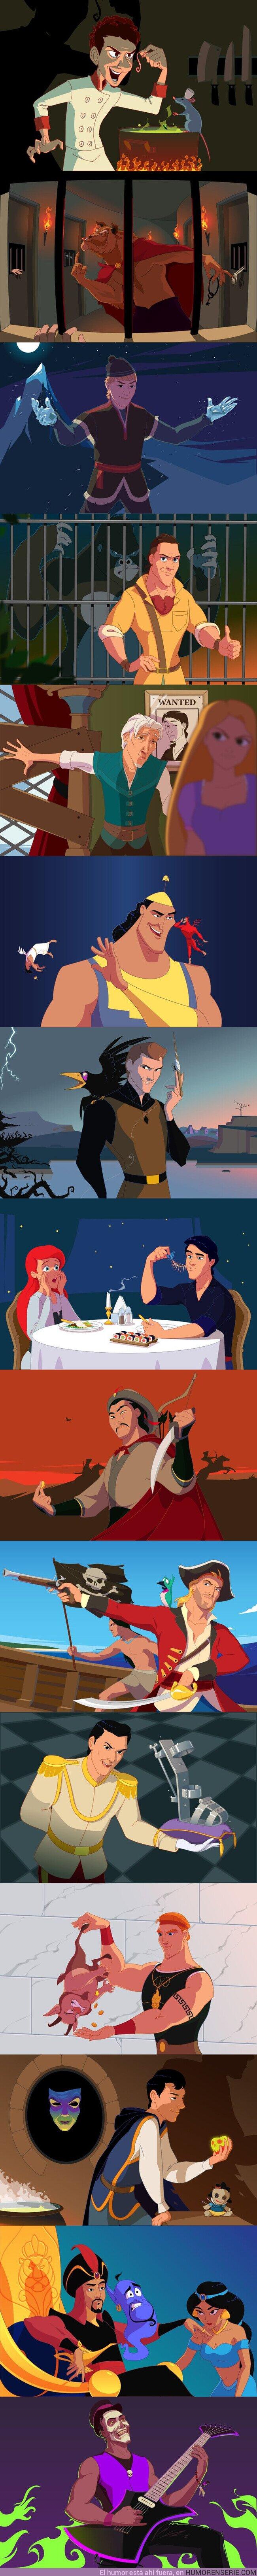 57220 - GALERÍA: Cómo serían los galanes de Disney si fueran los villanos de su película